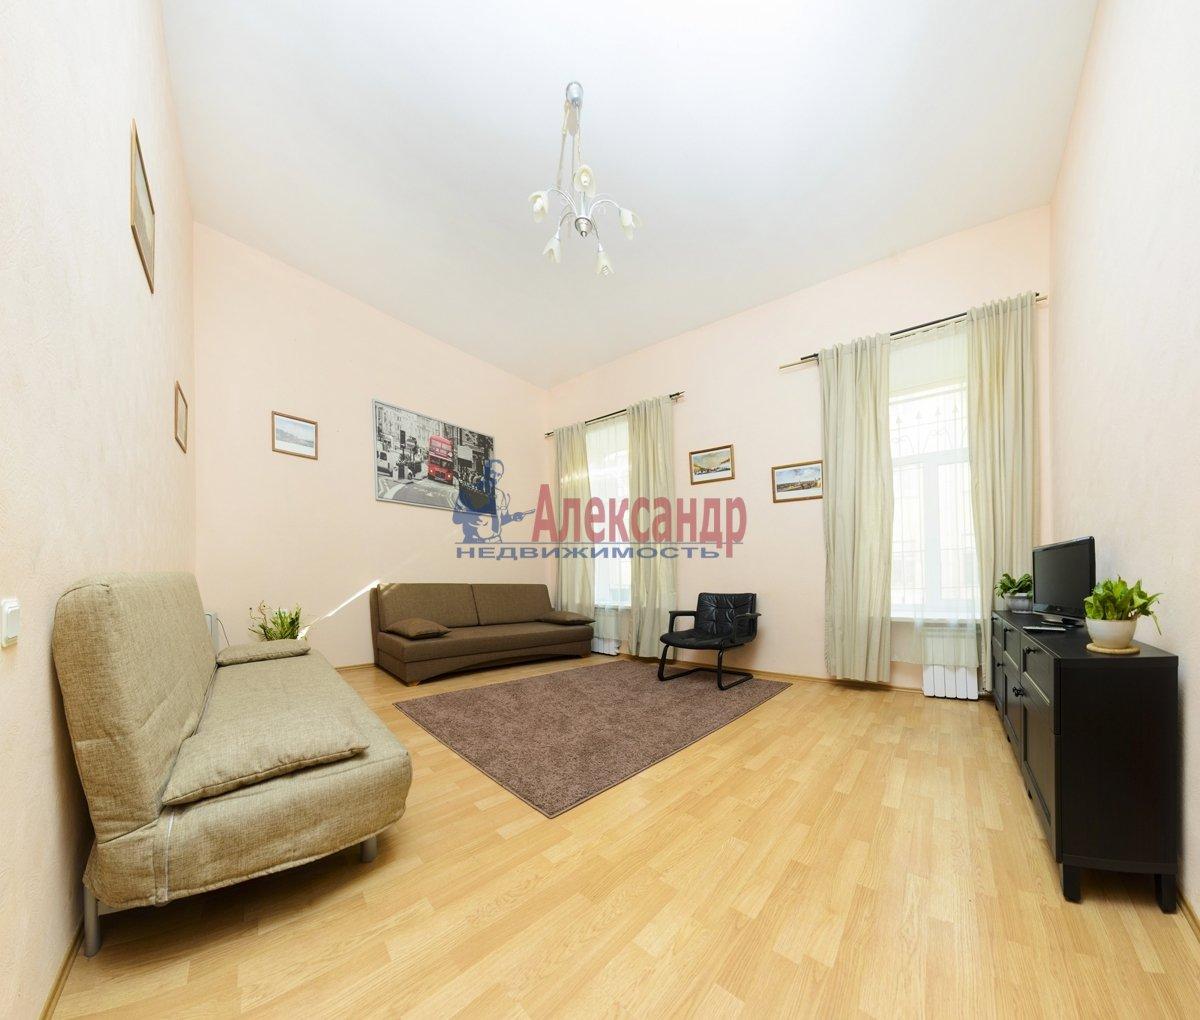 3-комнатная квартира (100м2) в аренду по адресу Малая Конюшенная ул., 10— фото 1 из 10